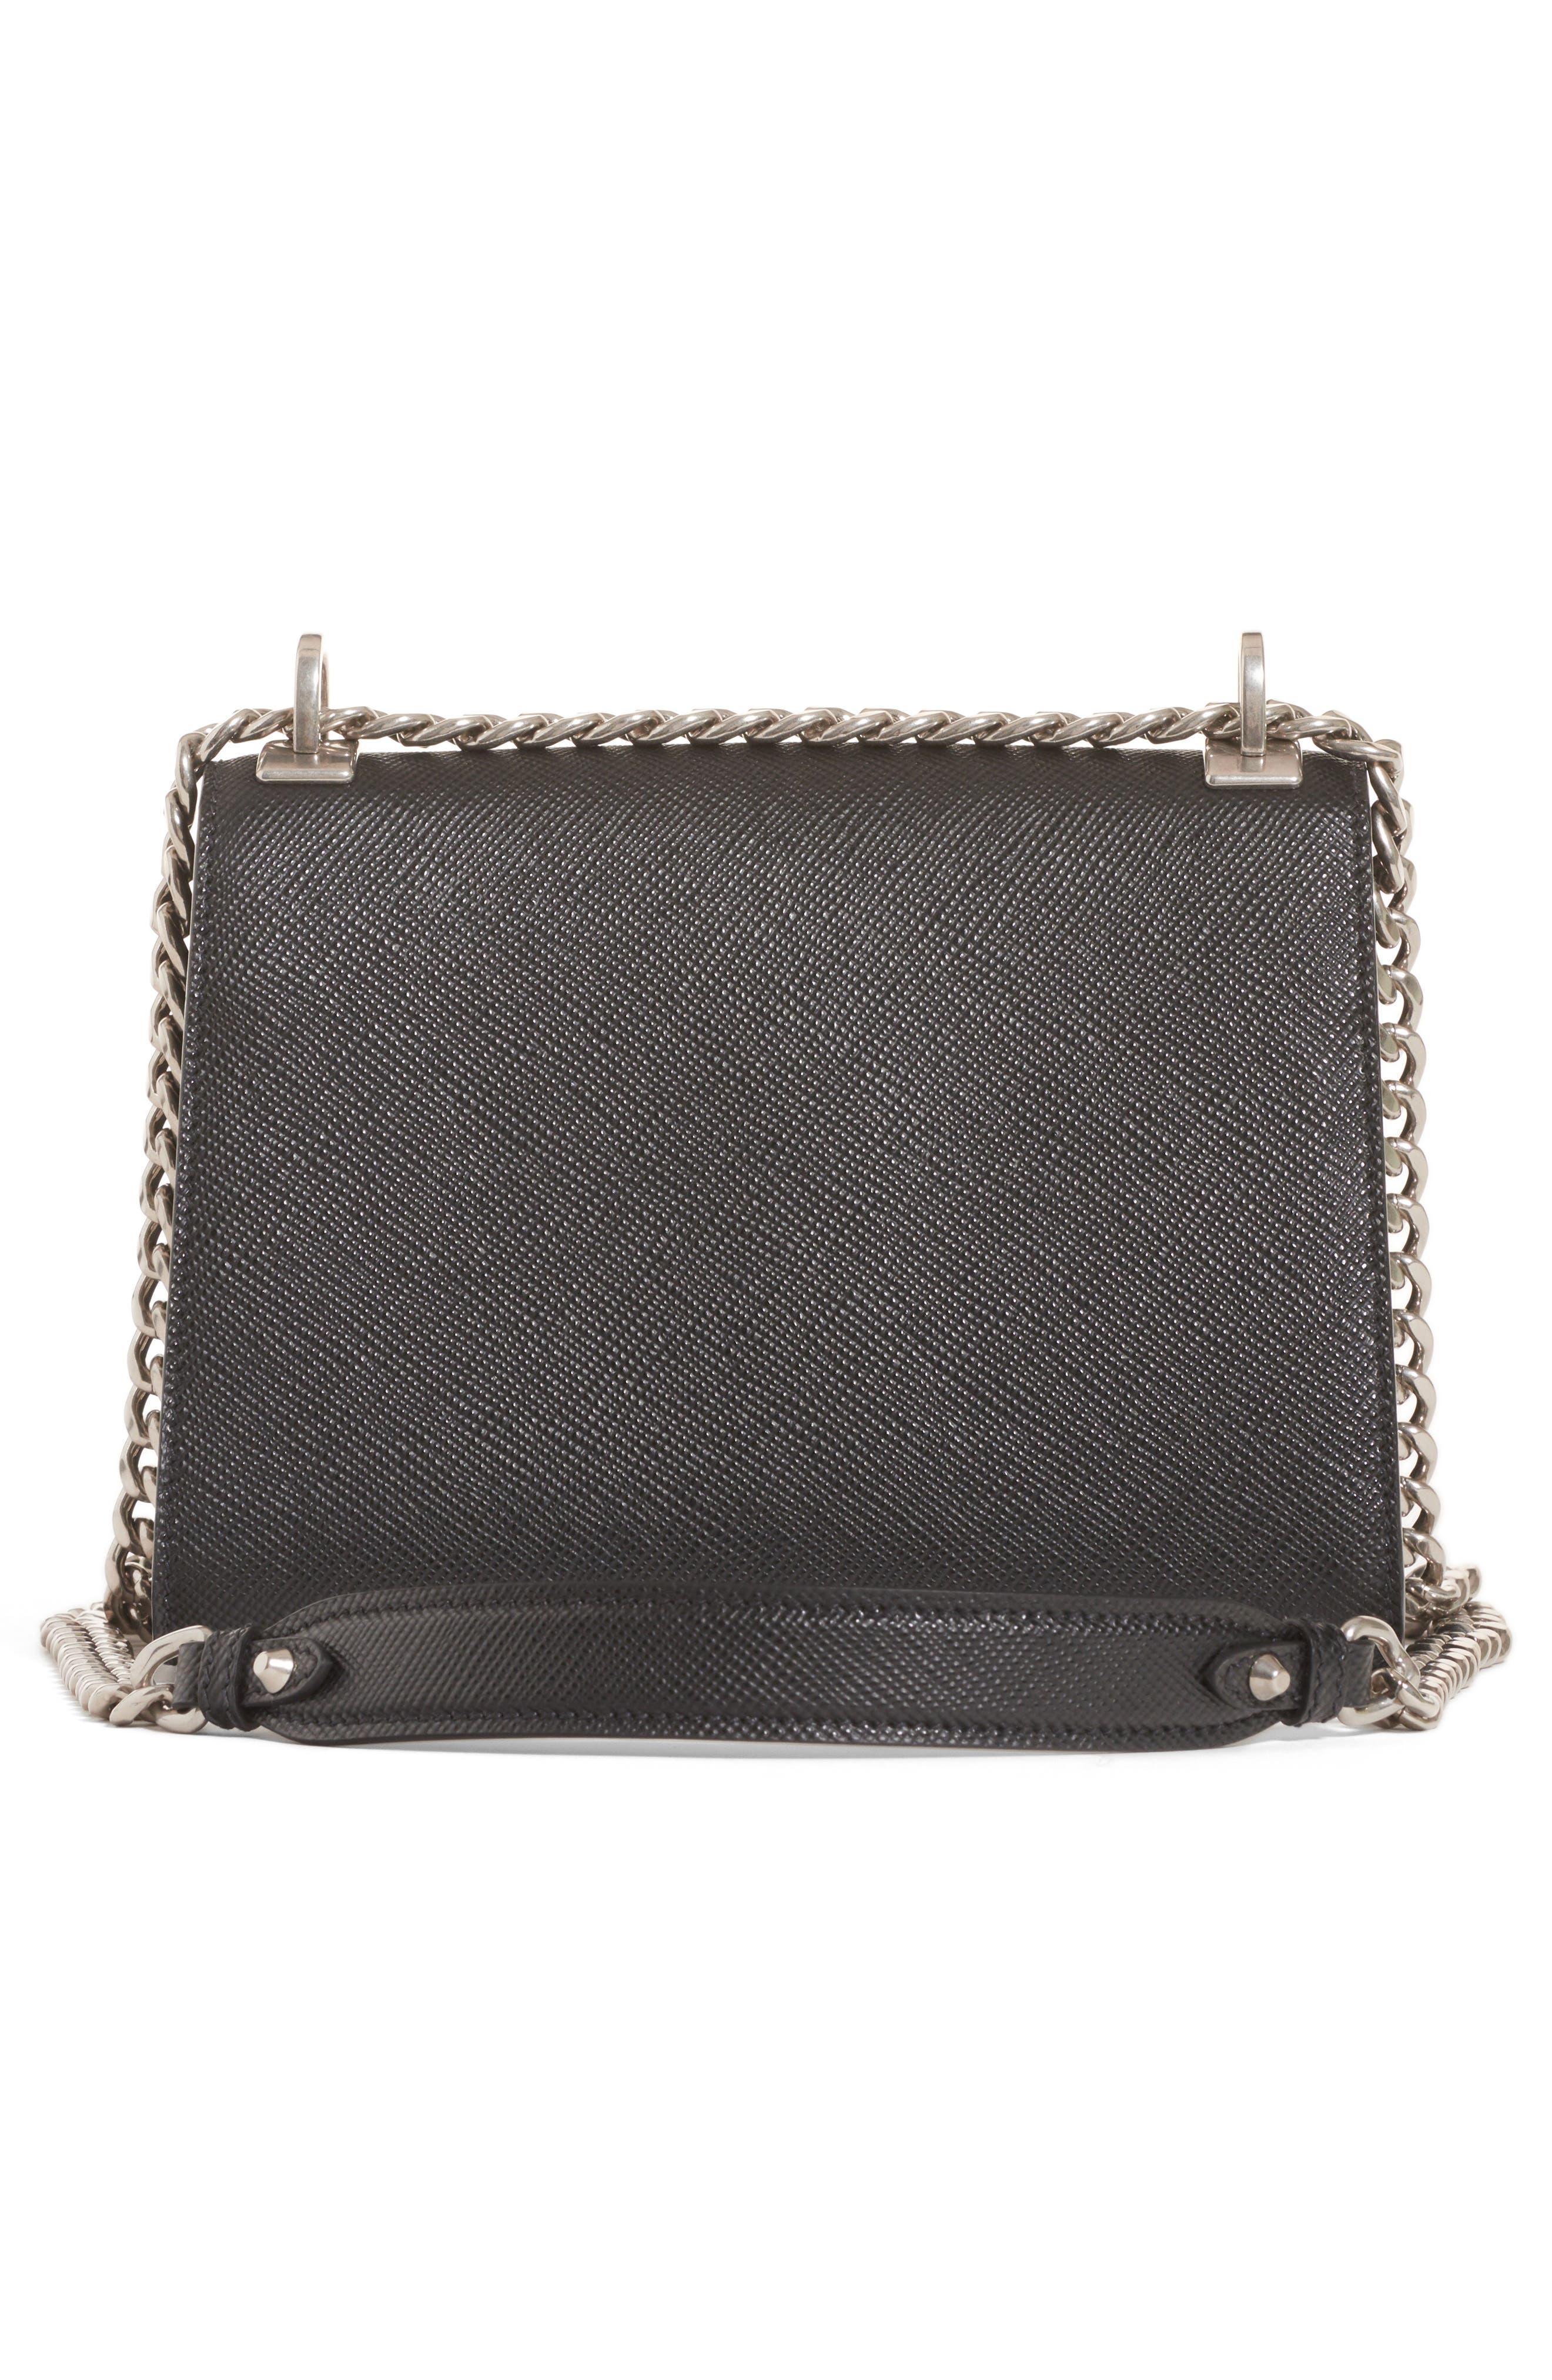 ad0d2ec29c Prada Shoulder Bags